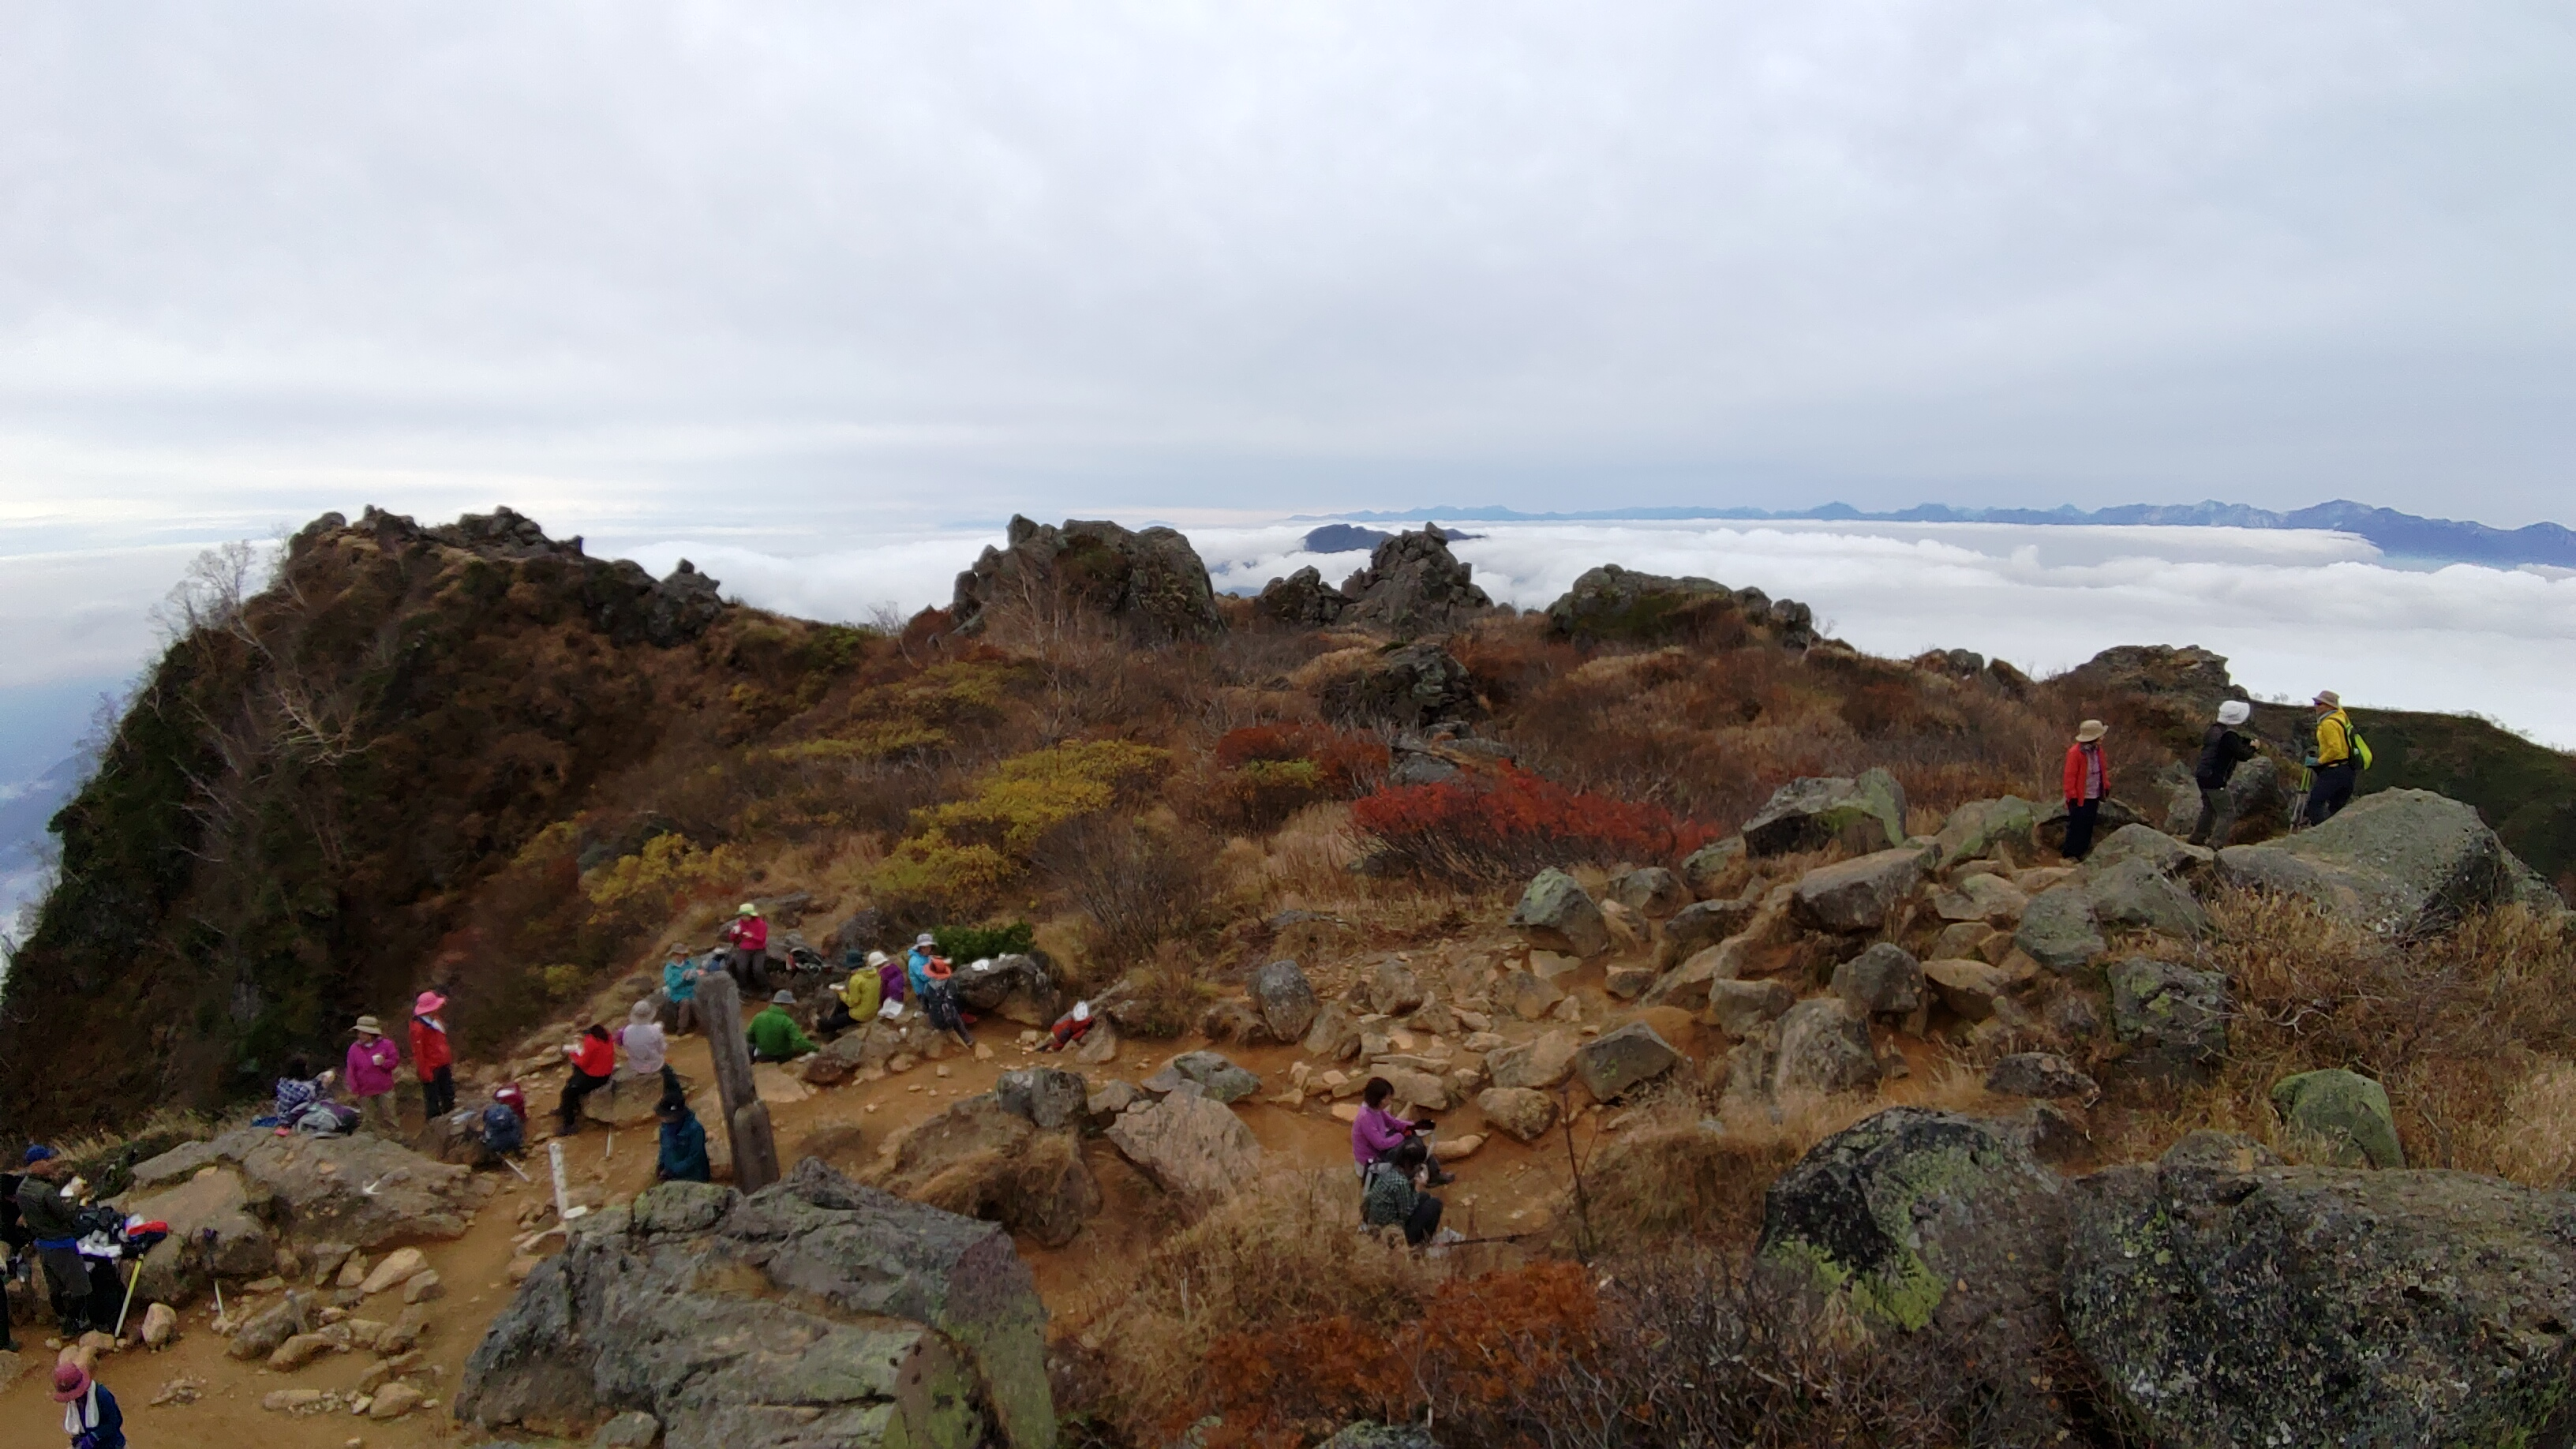 妙高山(2454m)、火打山(2462m)(新潟の山)の写真。2018/10/03(水)~10/04(木)